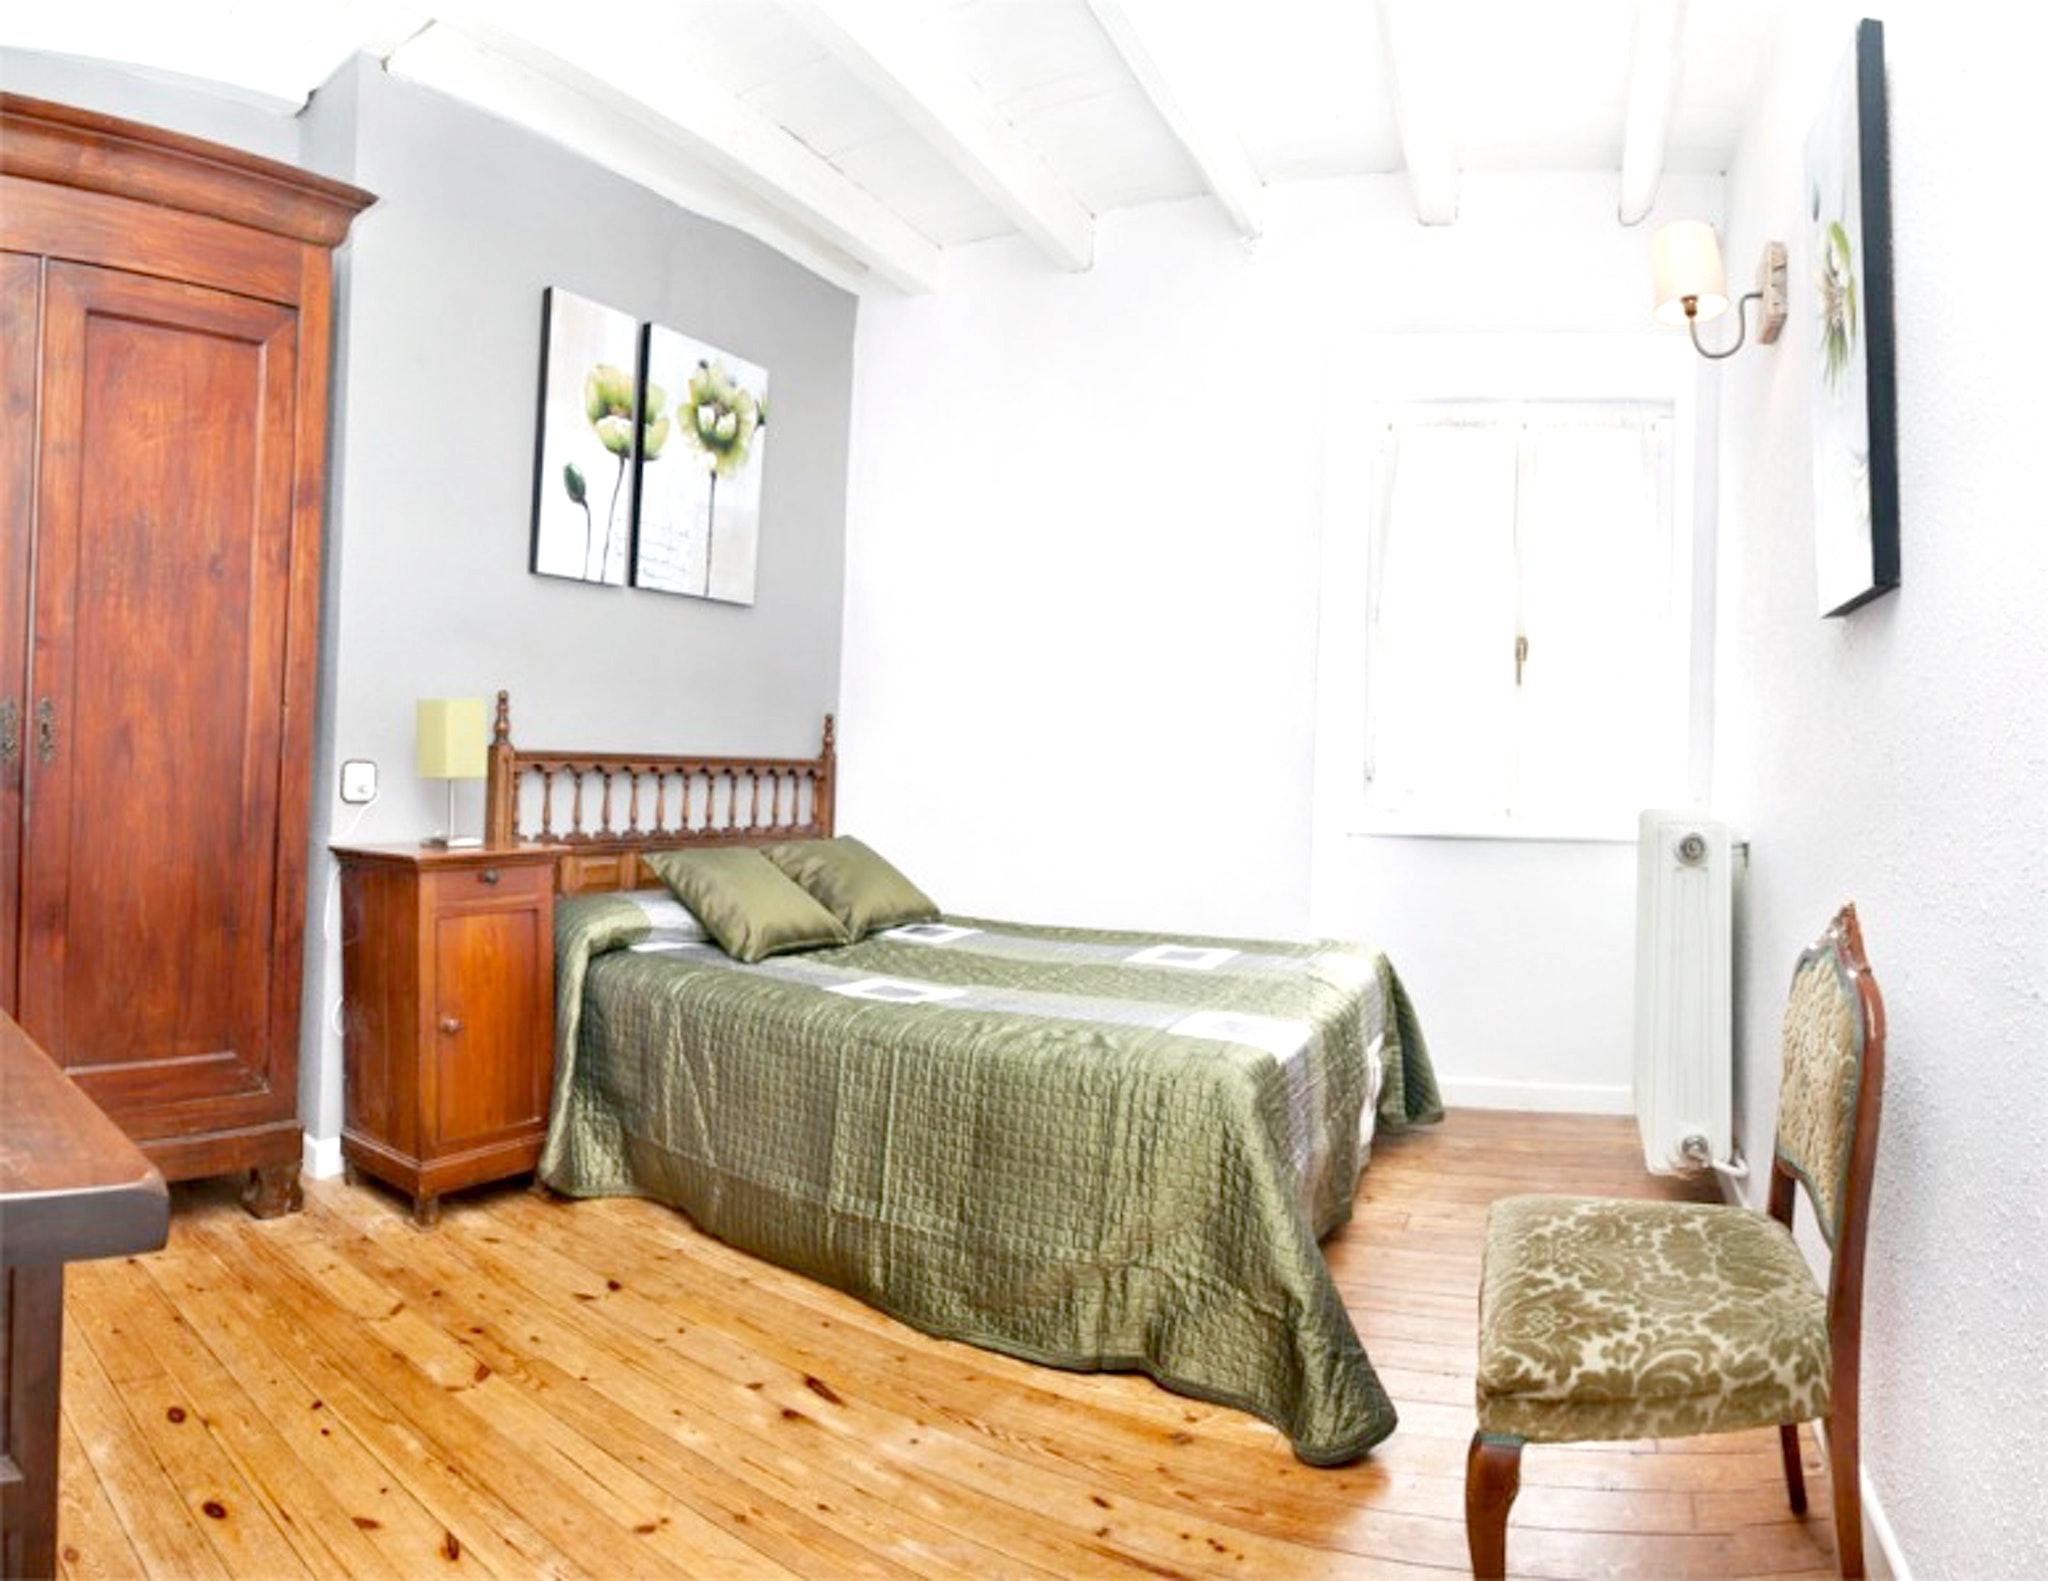 Ferienhaus Haus mit 4 Schlafzimmern in Valcarlos mit toller Aussicht auf die Berge und eingezäuntem G (2519329), Gañecoleta, , Navarra, Spanien, Bild 12